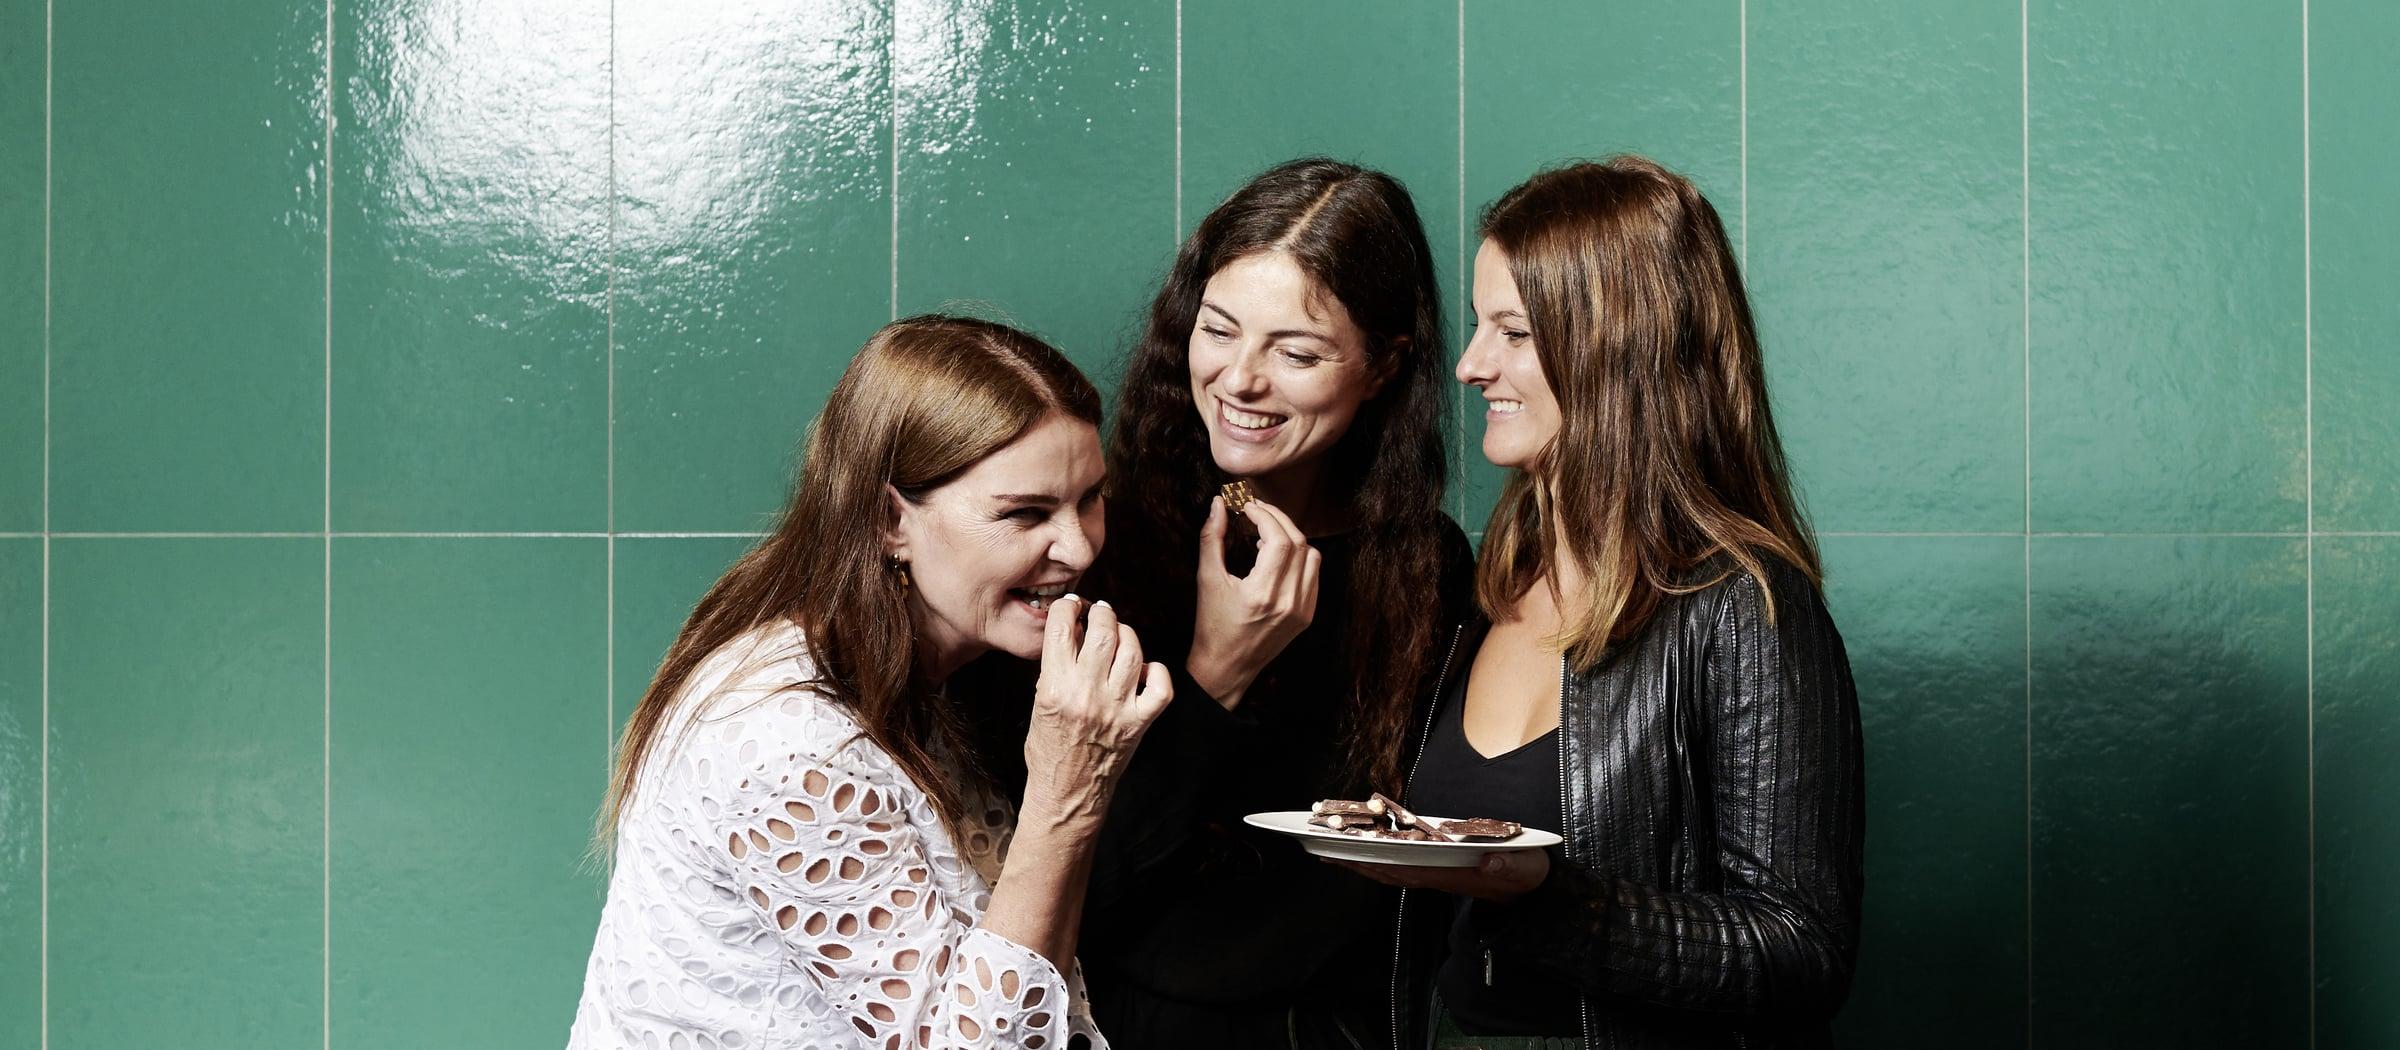 Pistor Aroma Blog Inspiration Baeckerei Confiserie Merz Frauenpower Schwestern